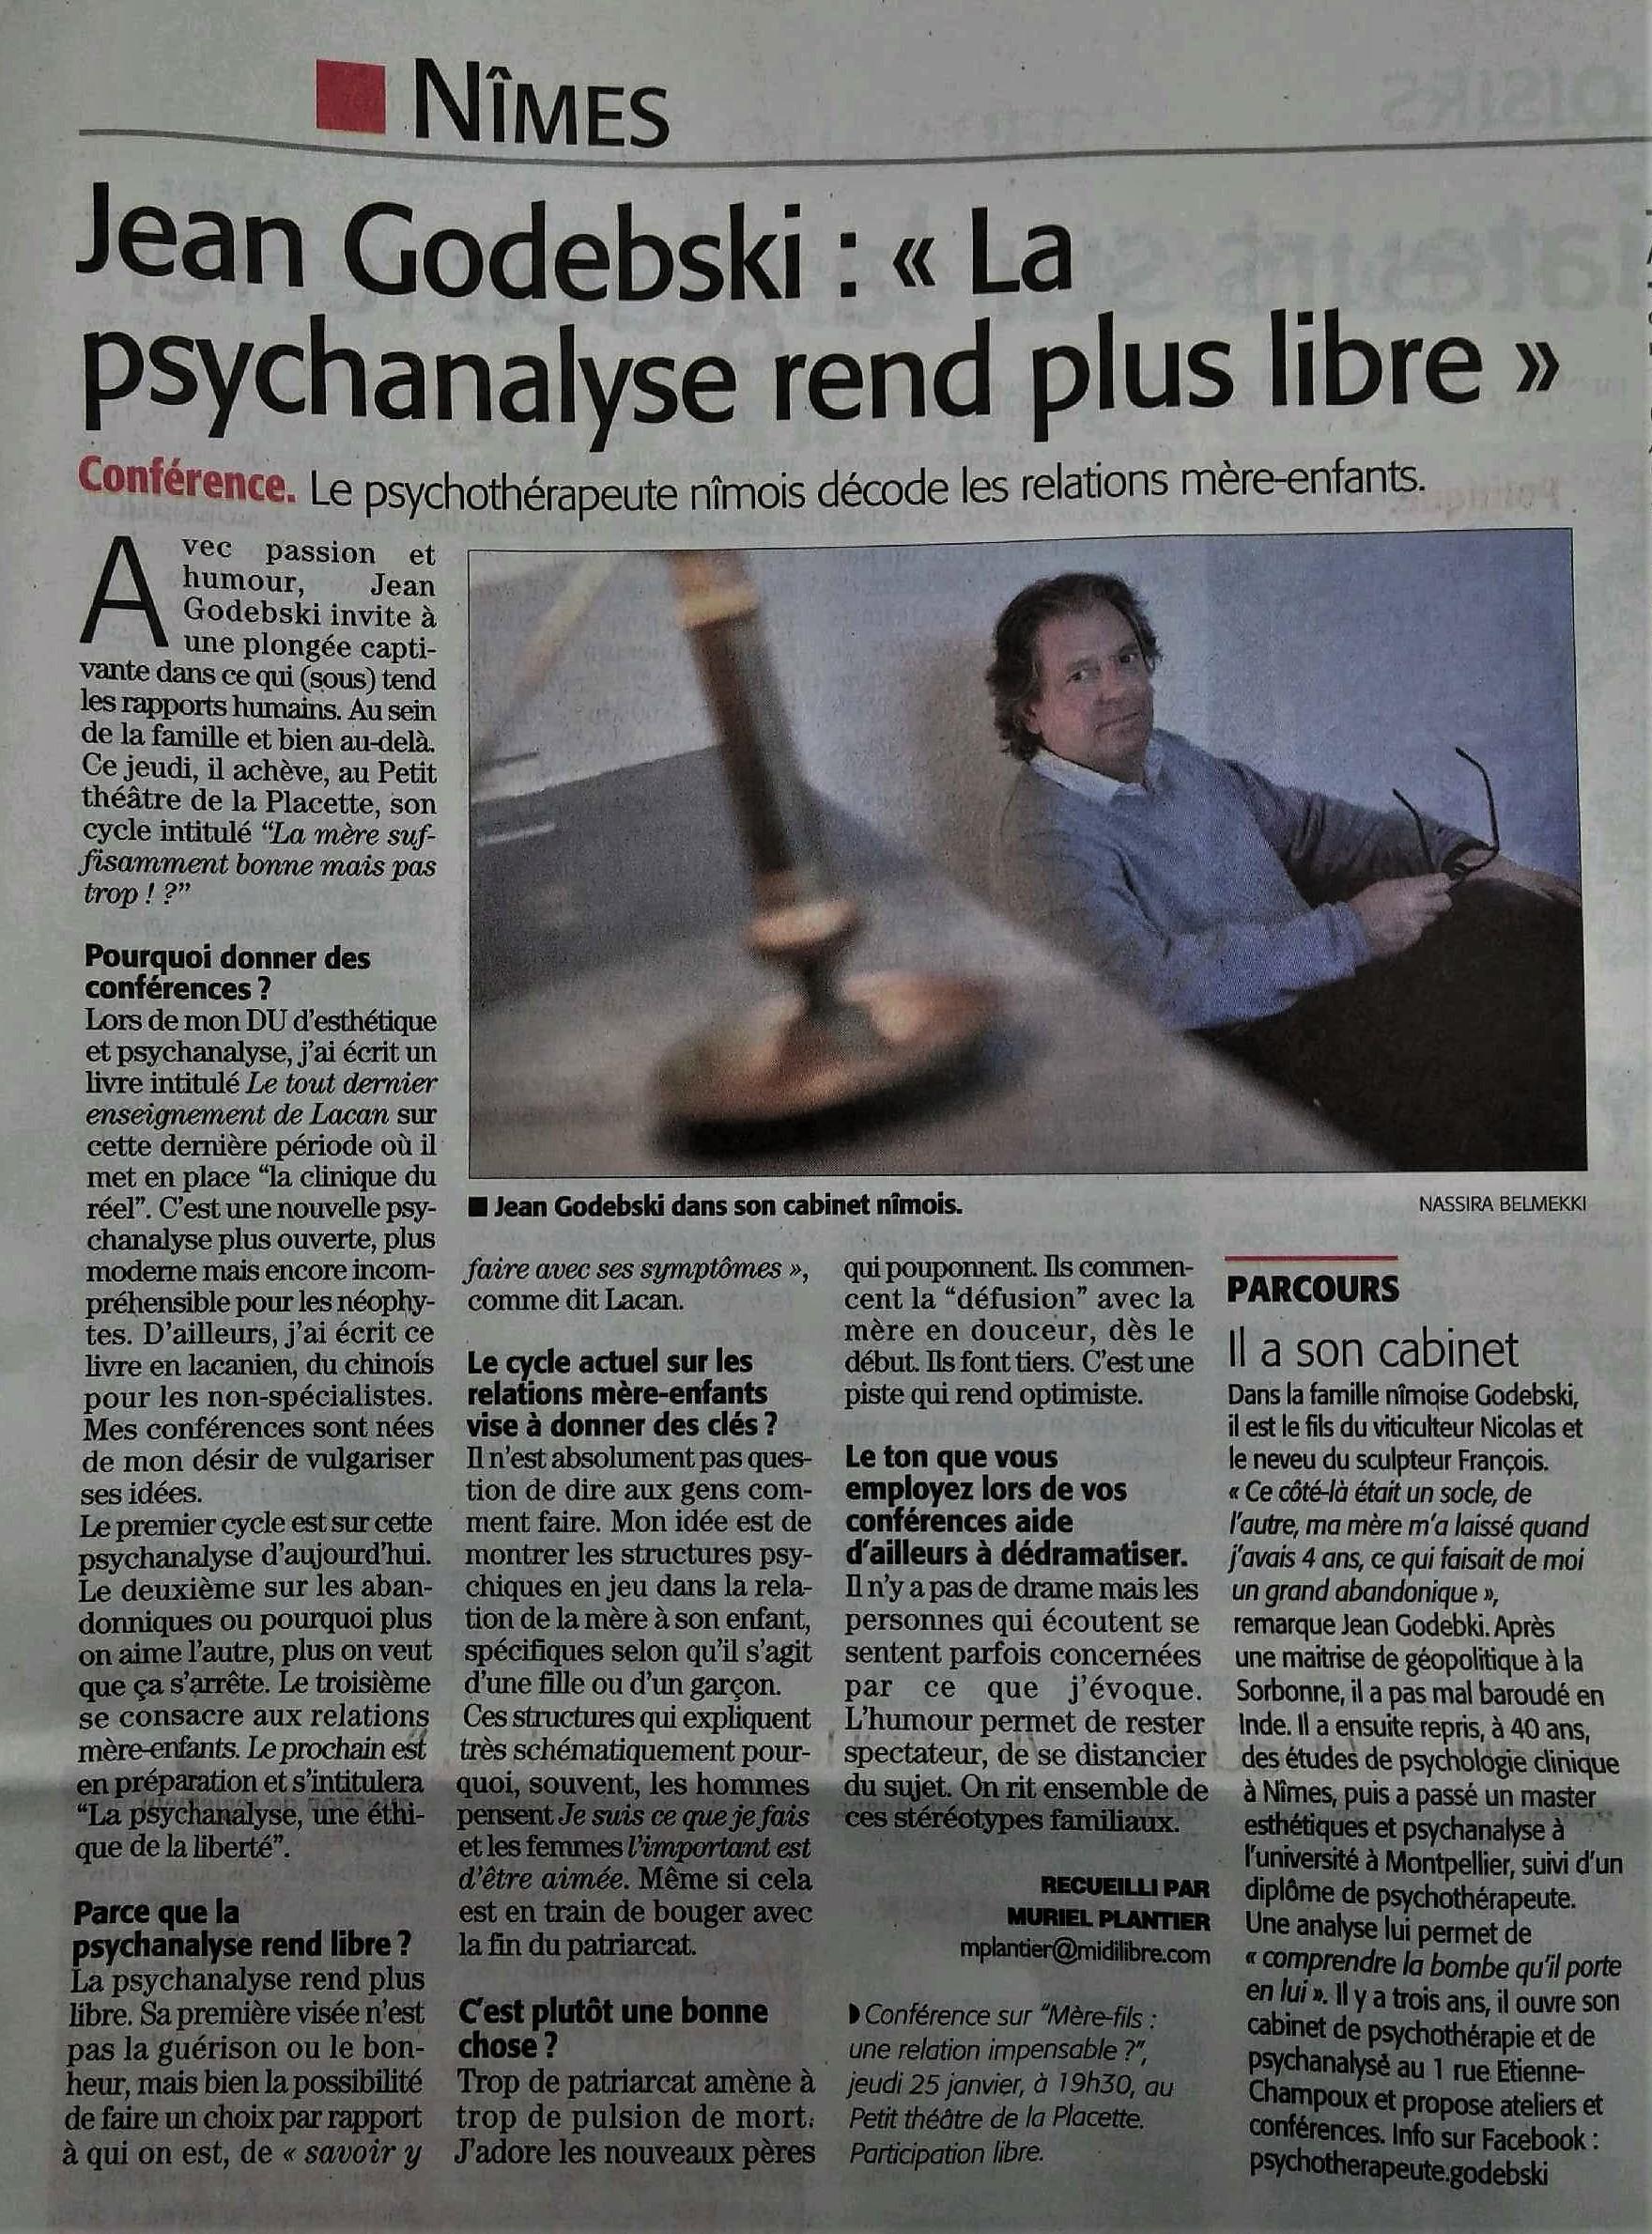 Conférence-Jean-Godebski-psychotherapeute-psychanalyste-Midi-Libre- nimes-2018